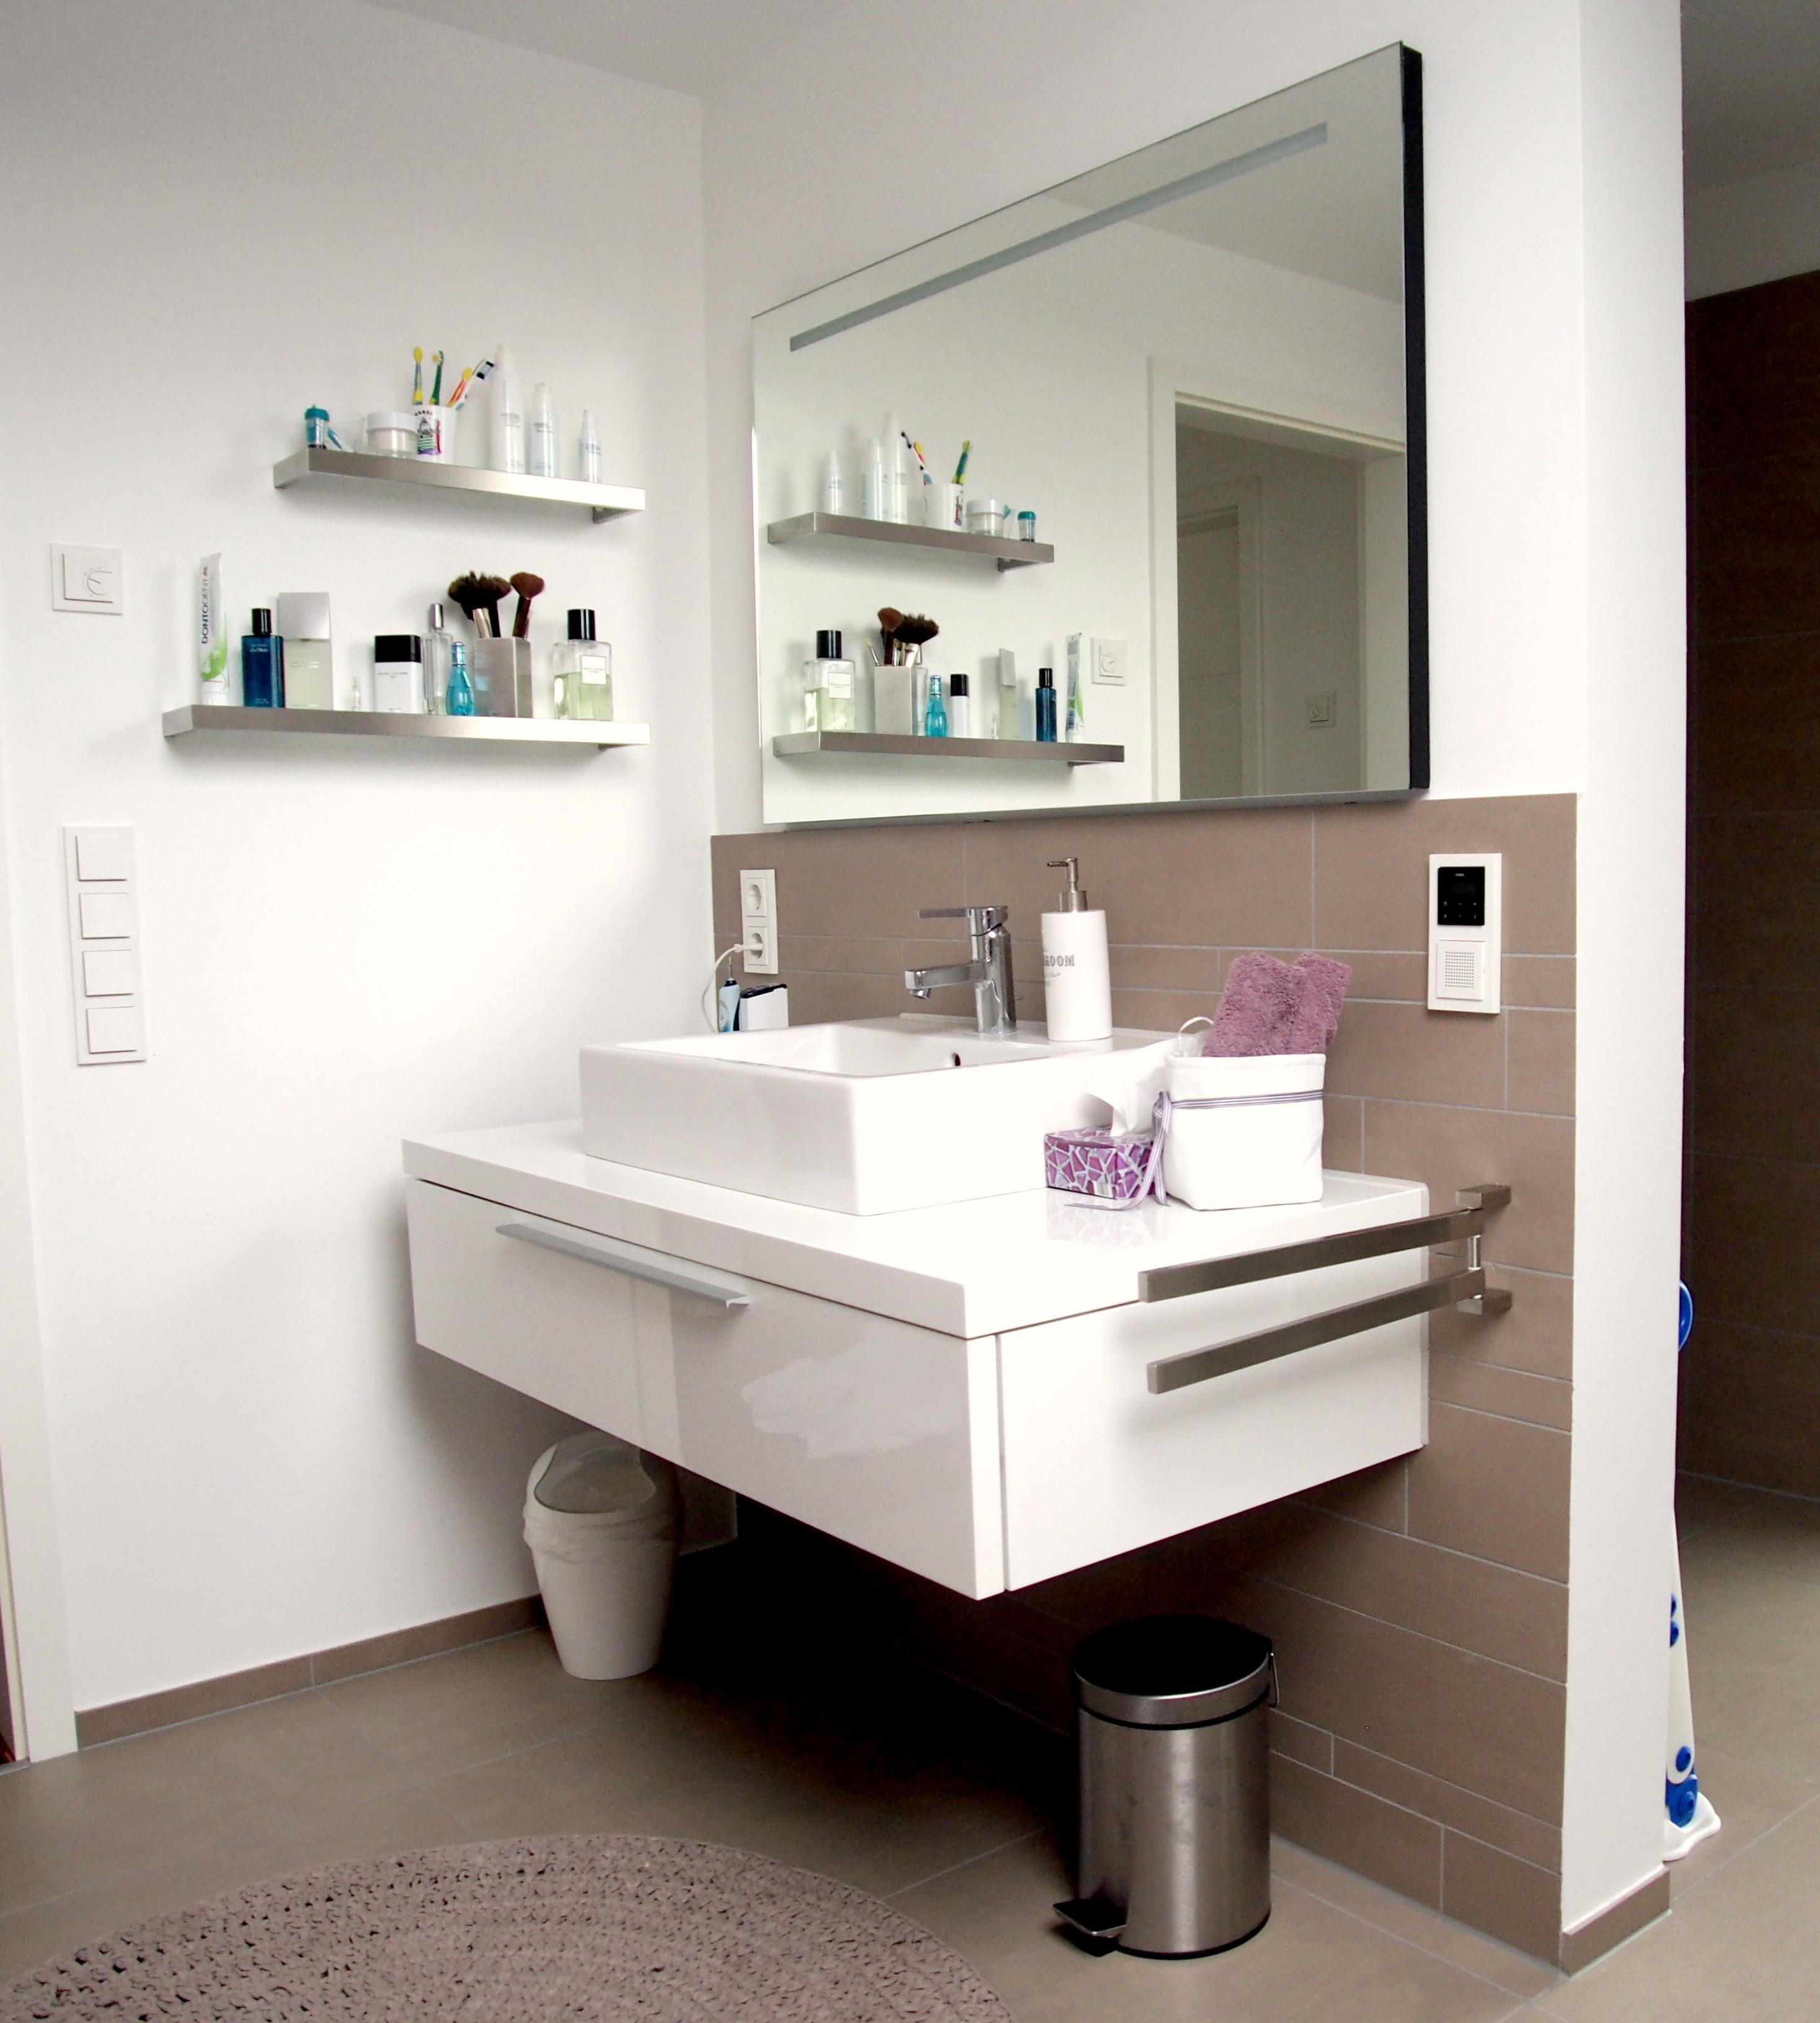 Badezimmer 2 In Stadecken #badezimmer #badezimmerspiegel #waschbecken  #waschbeckenschrank #modernesbadezimmer #badidee